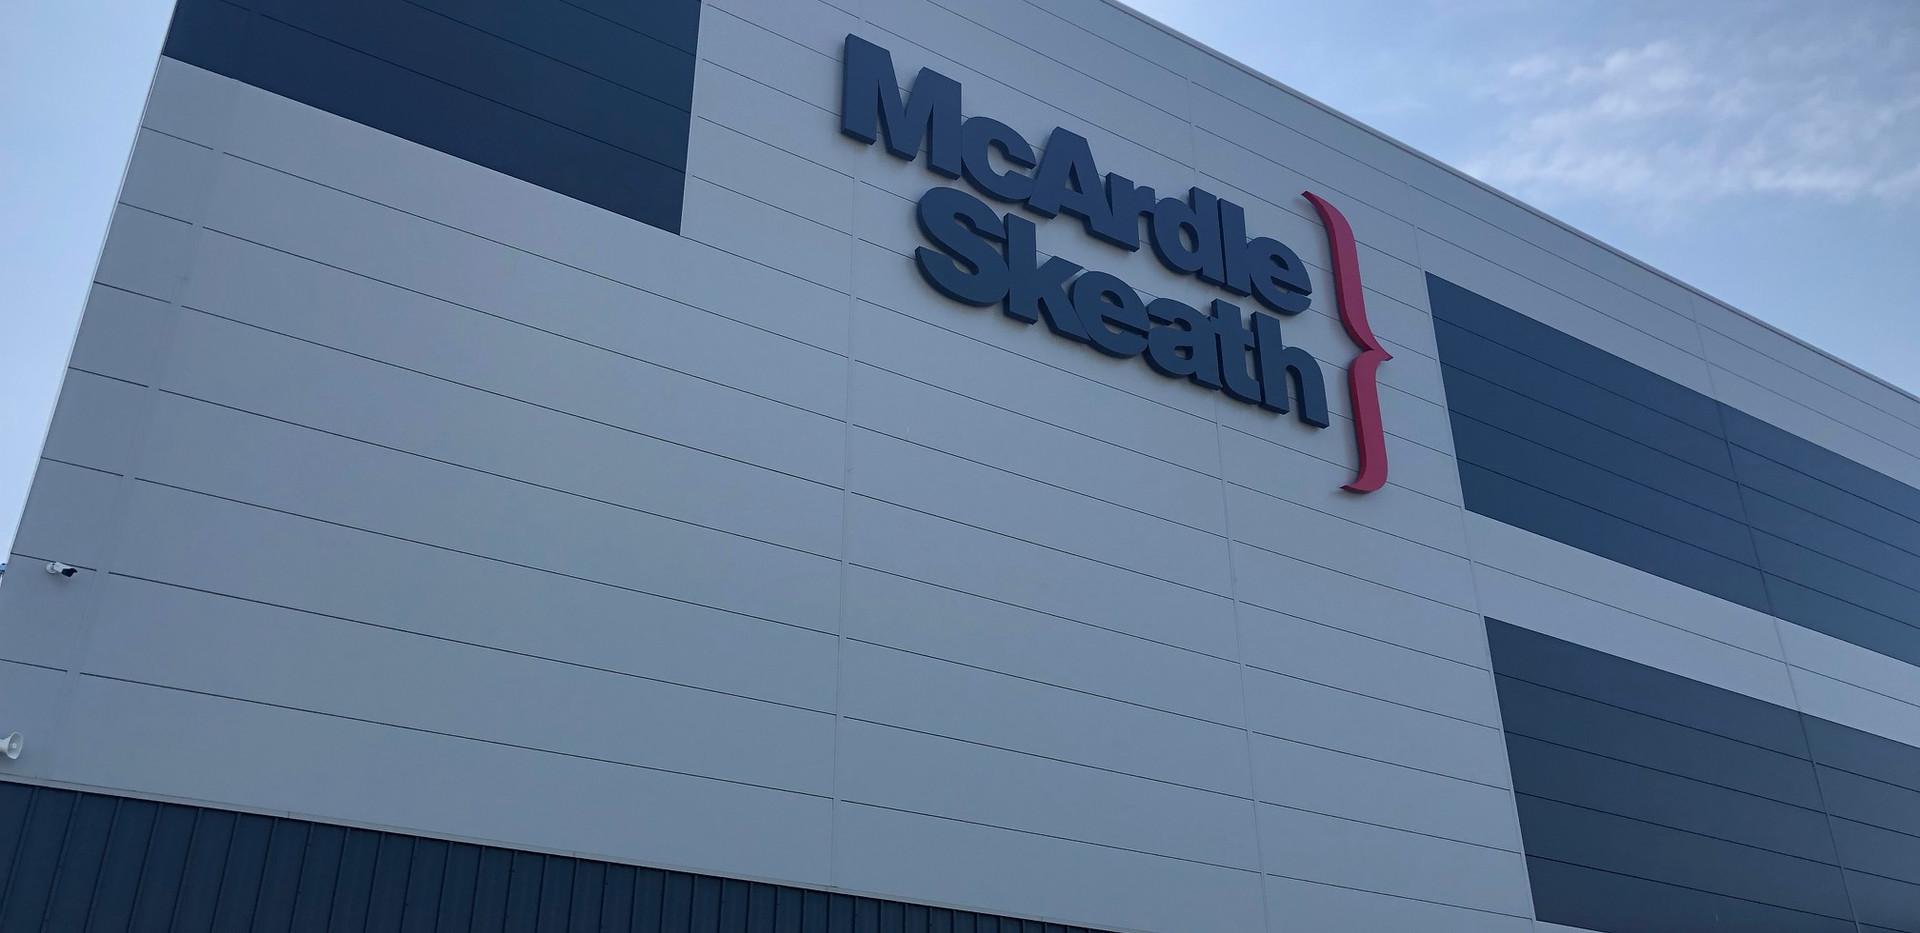 Mcardle Sheath - Dublin 2